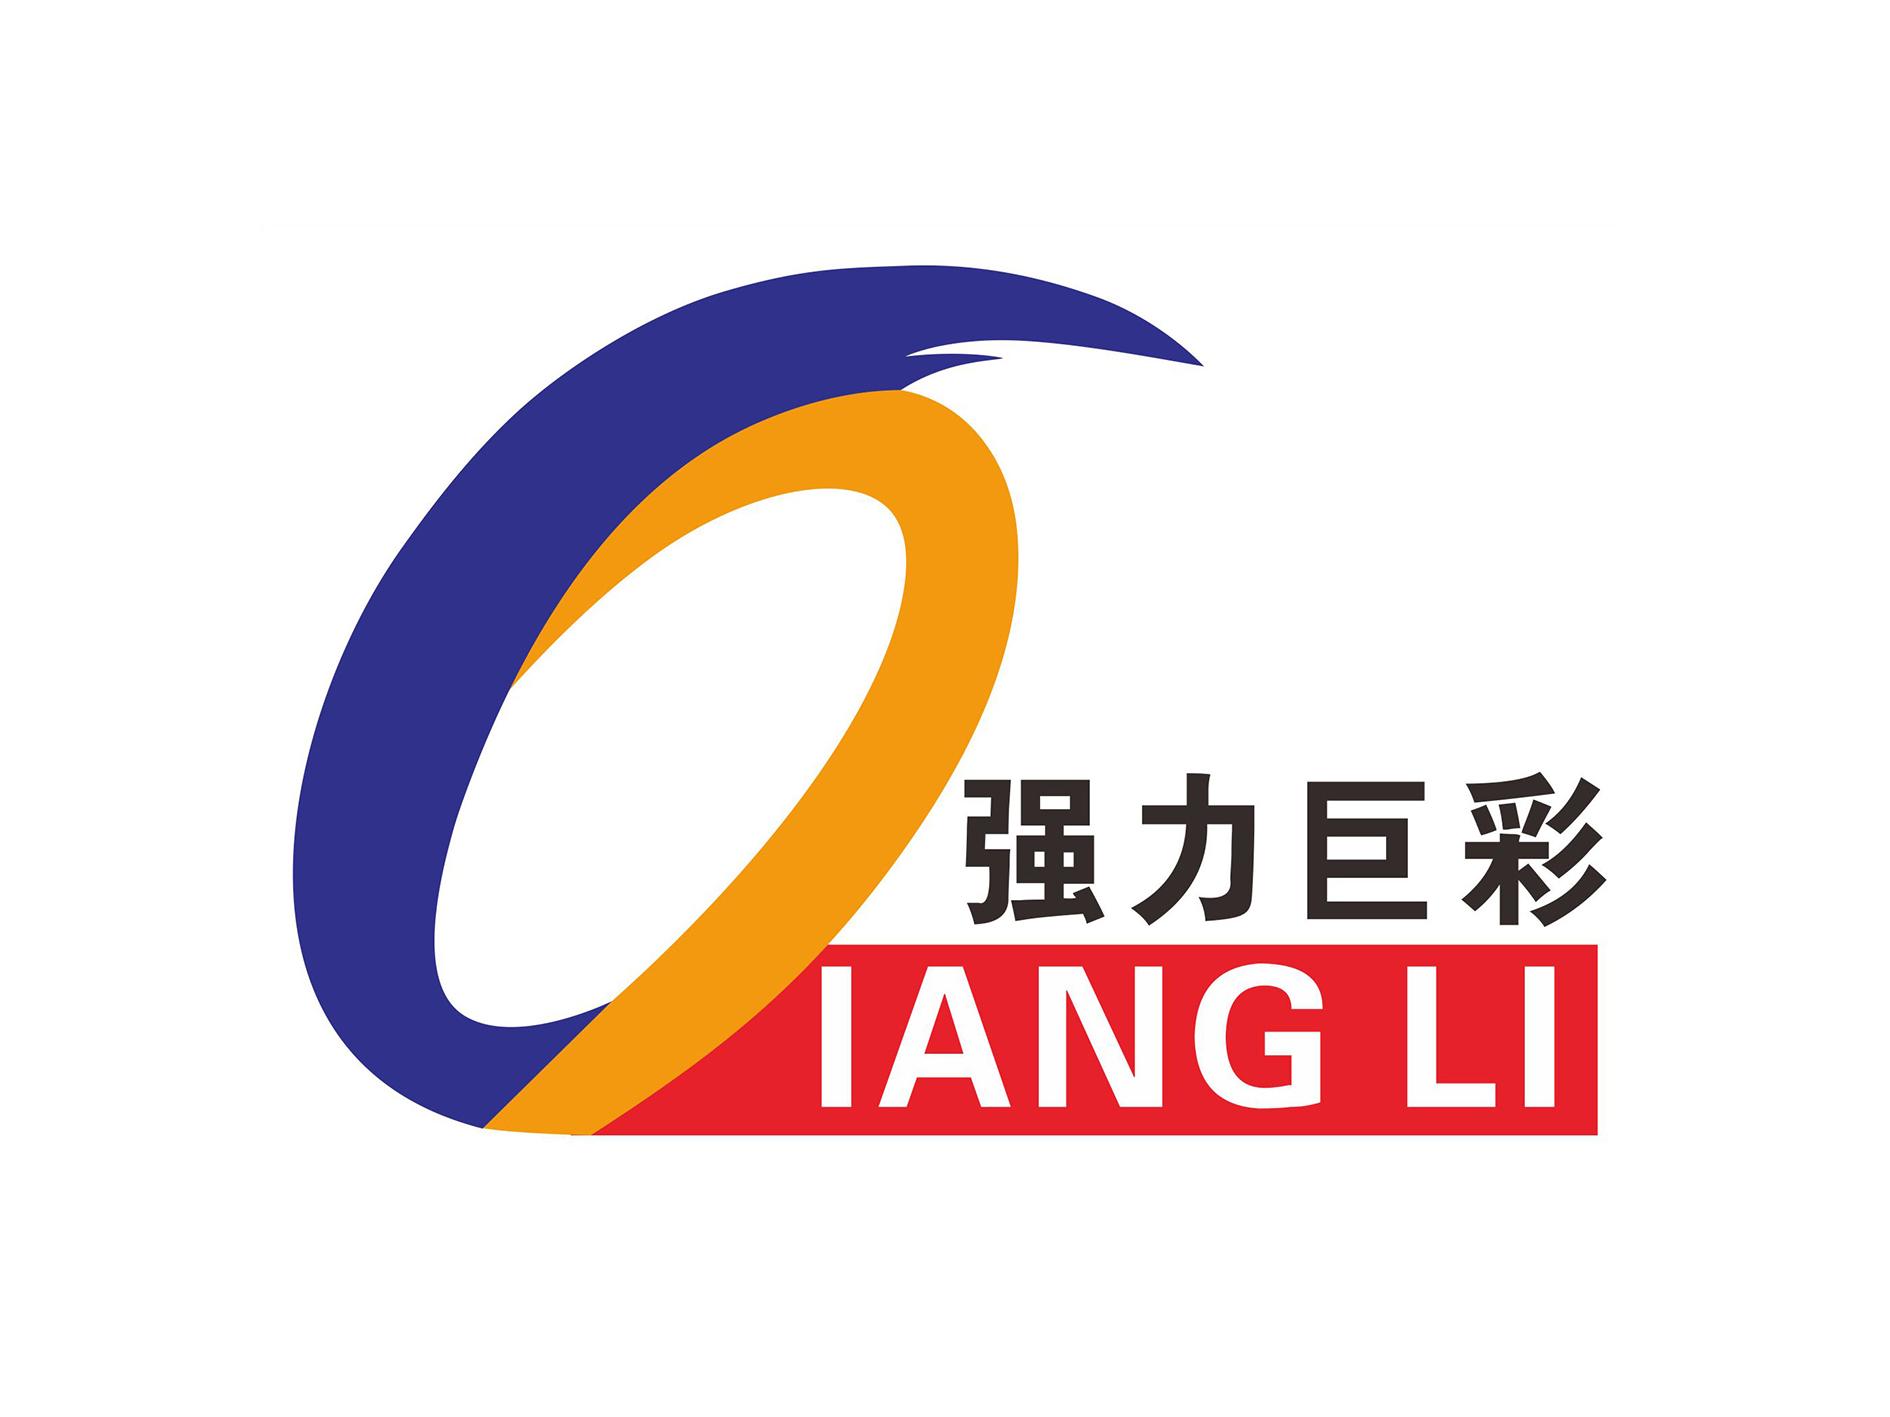 Qiangli LED